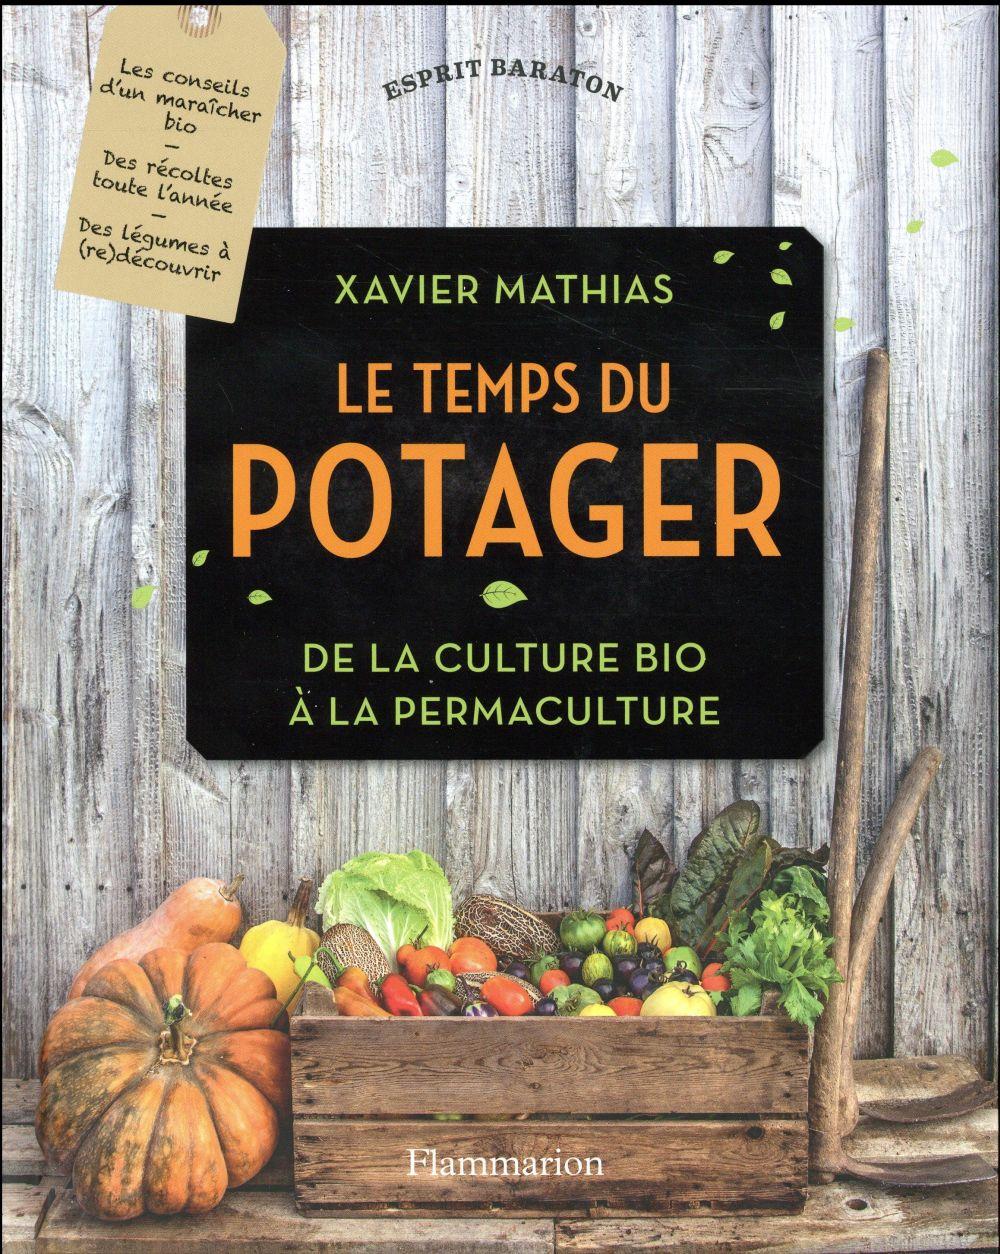 LE TEMPS DU POTAGER - DE LA CULTURE BIO A LA PERMACULTURE